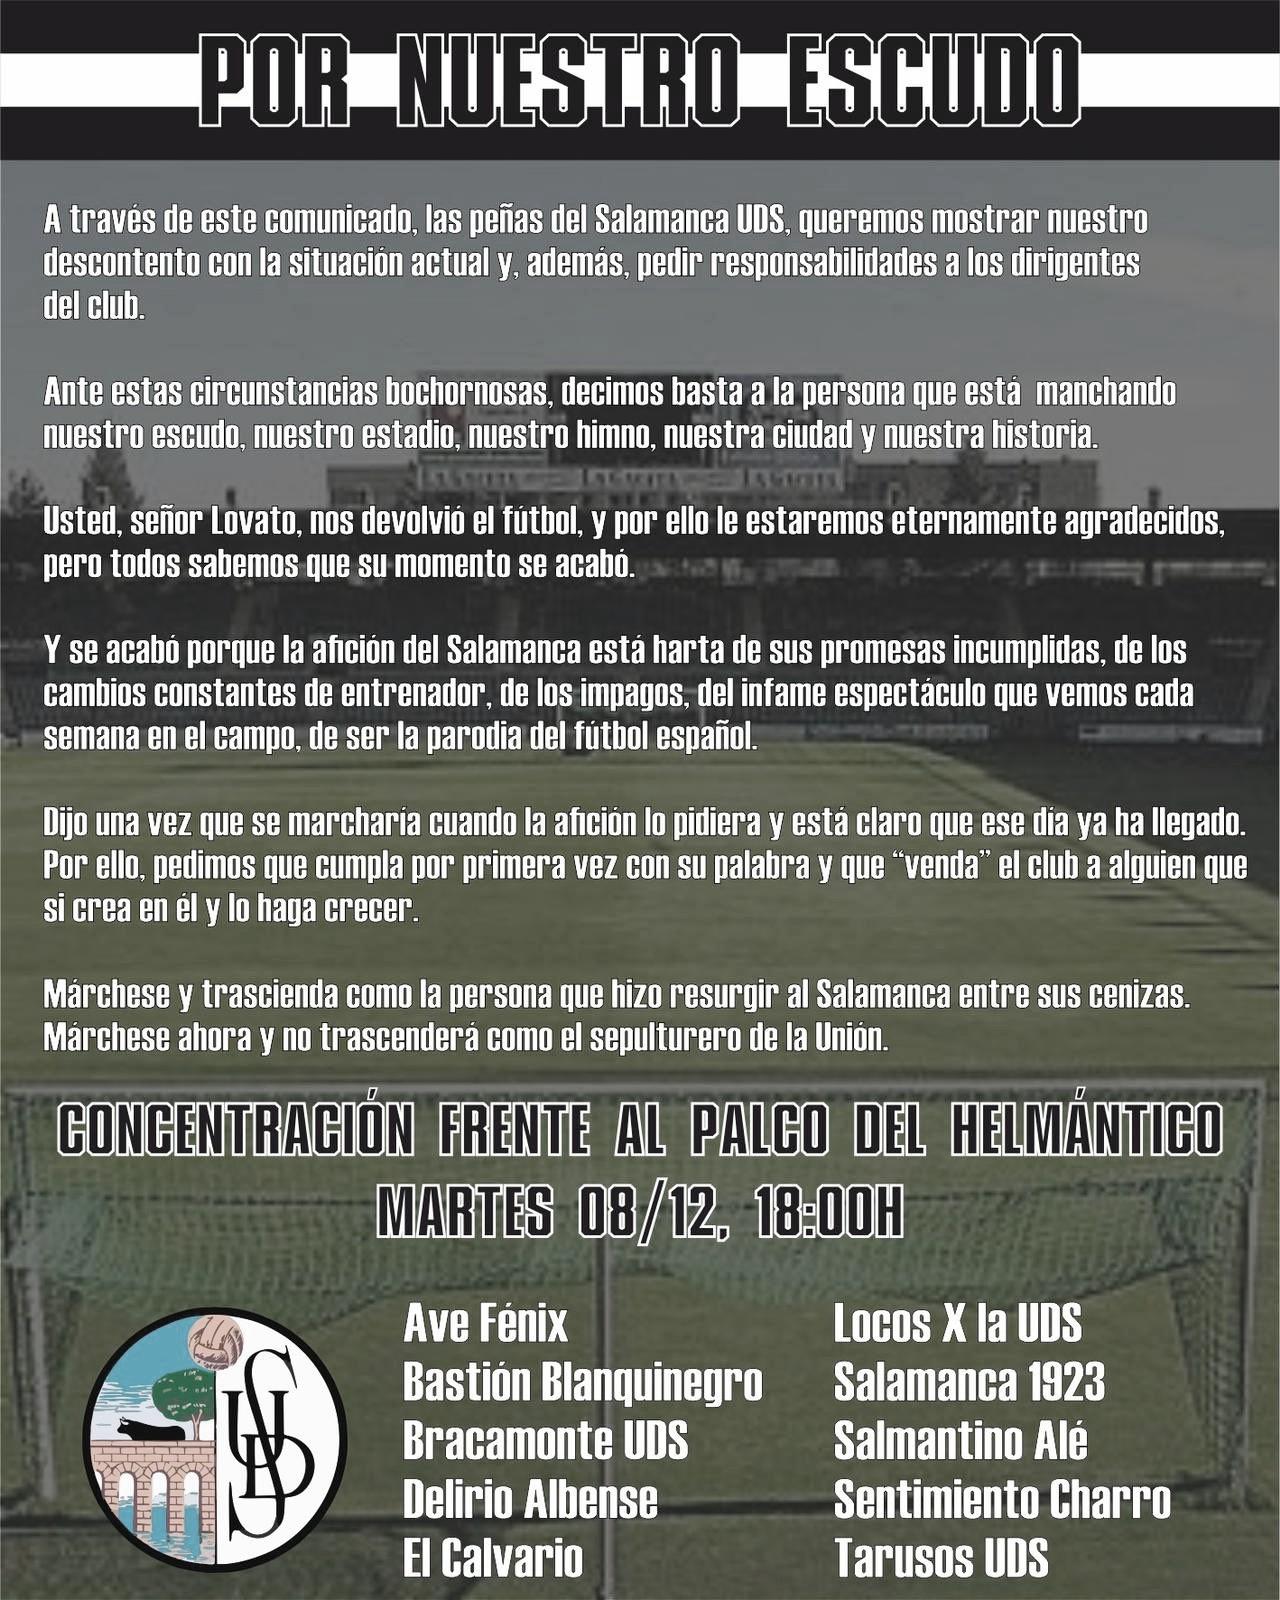 Varias peñas del Salamanca CF convocan una manifestación: #LovatoVeteYa